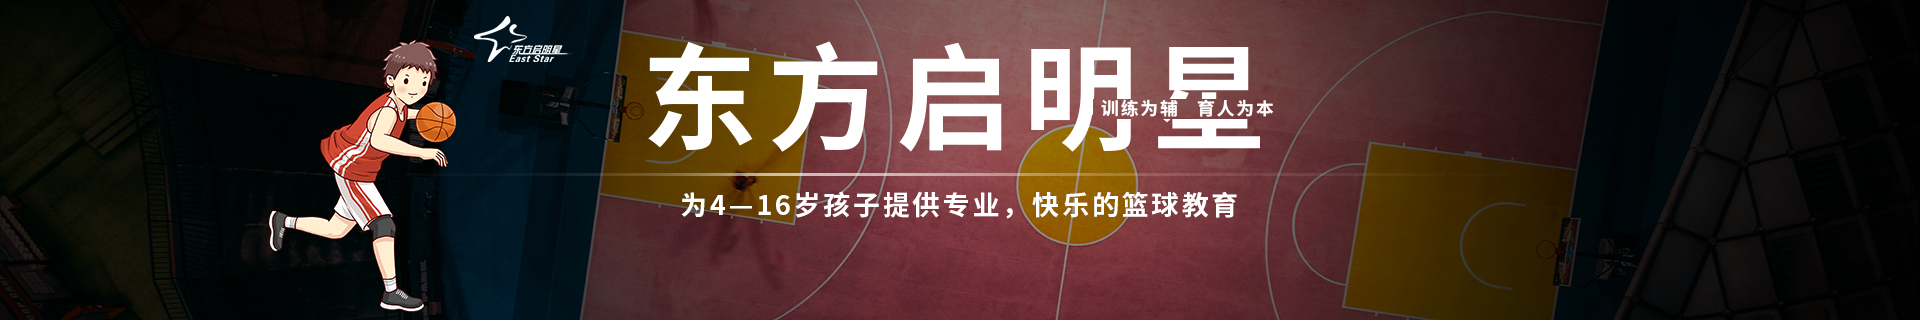 上海黄浦区外马路东方启明星篮球培训